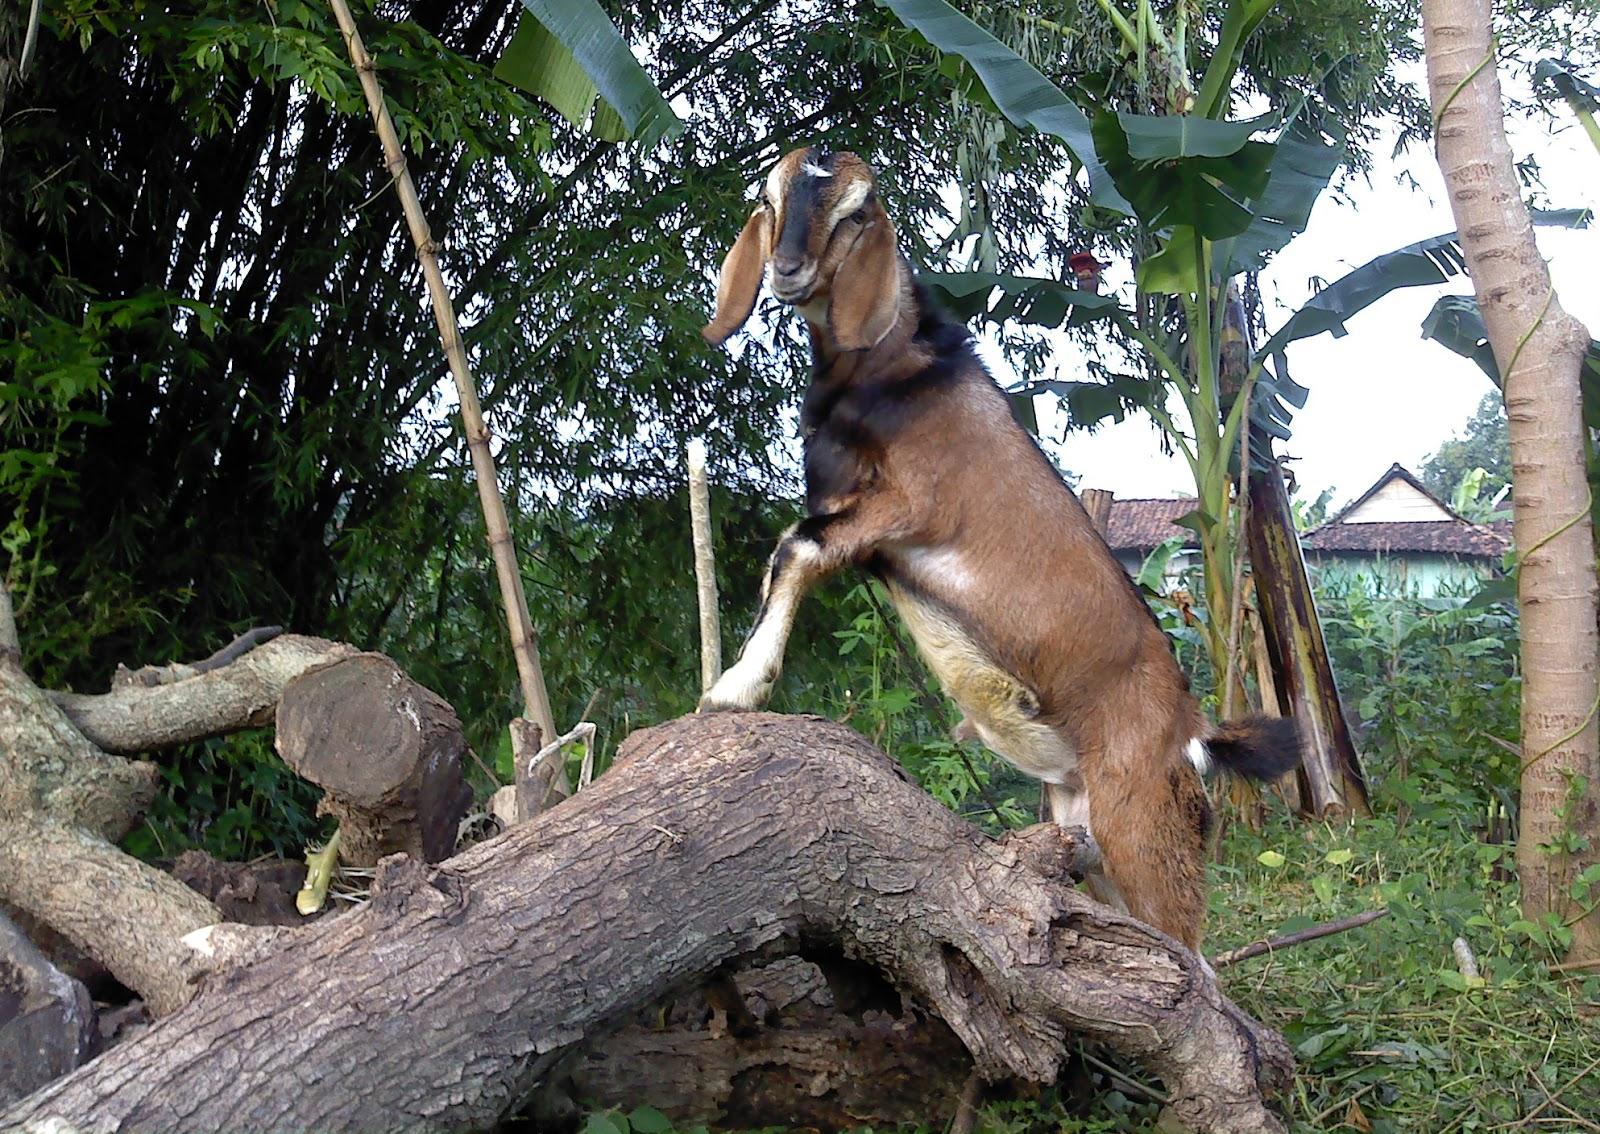 Amazing animal